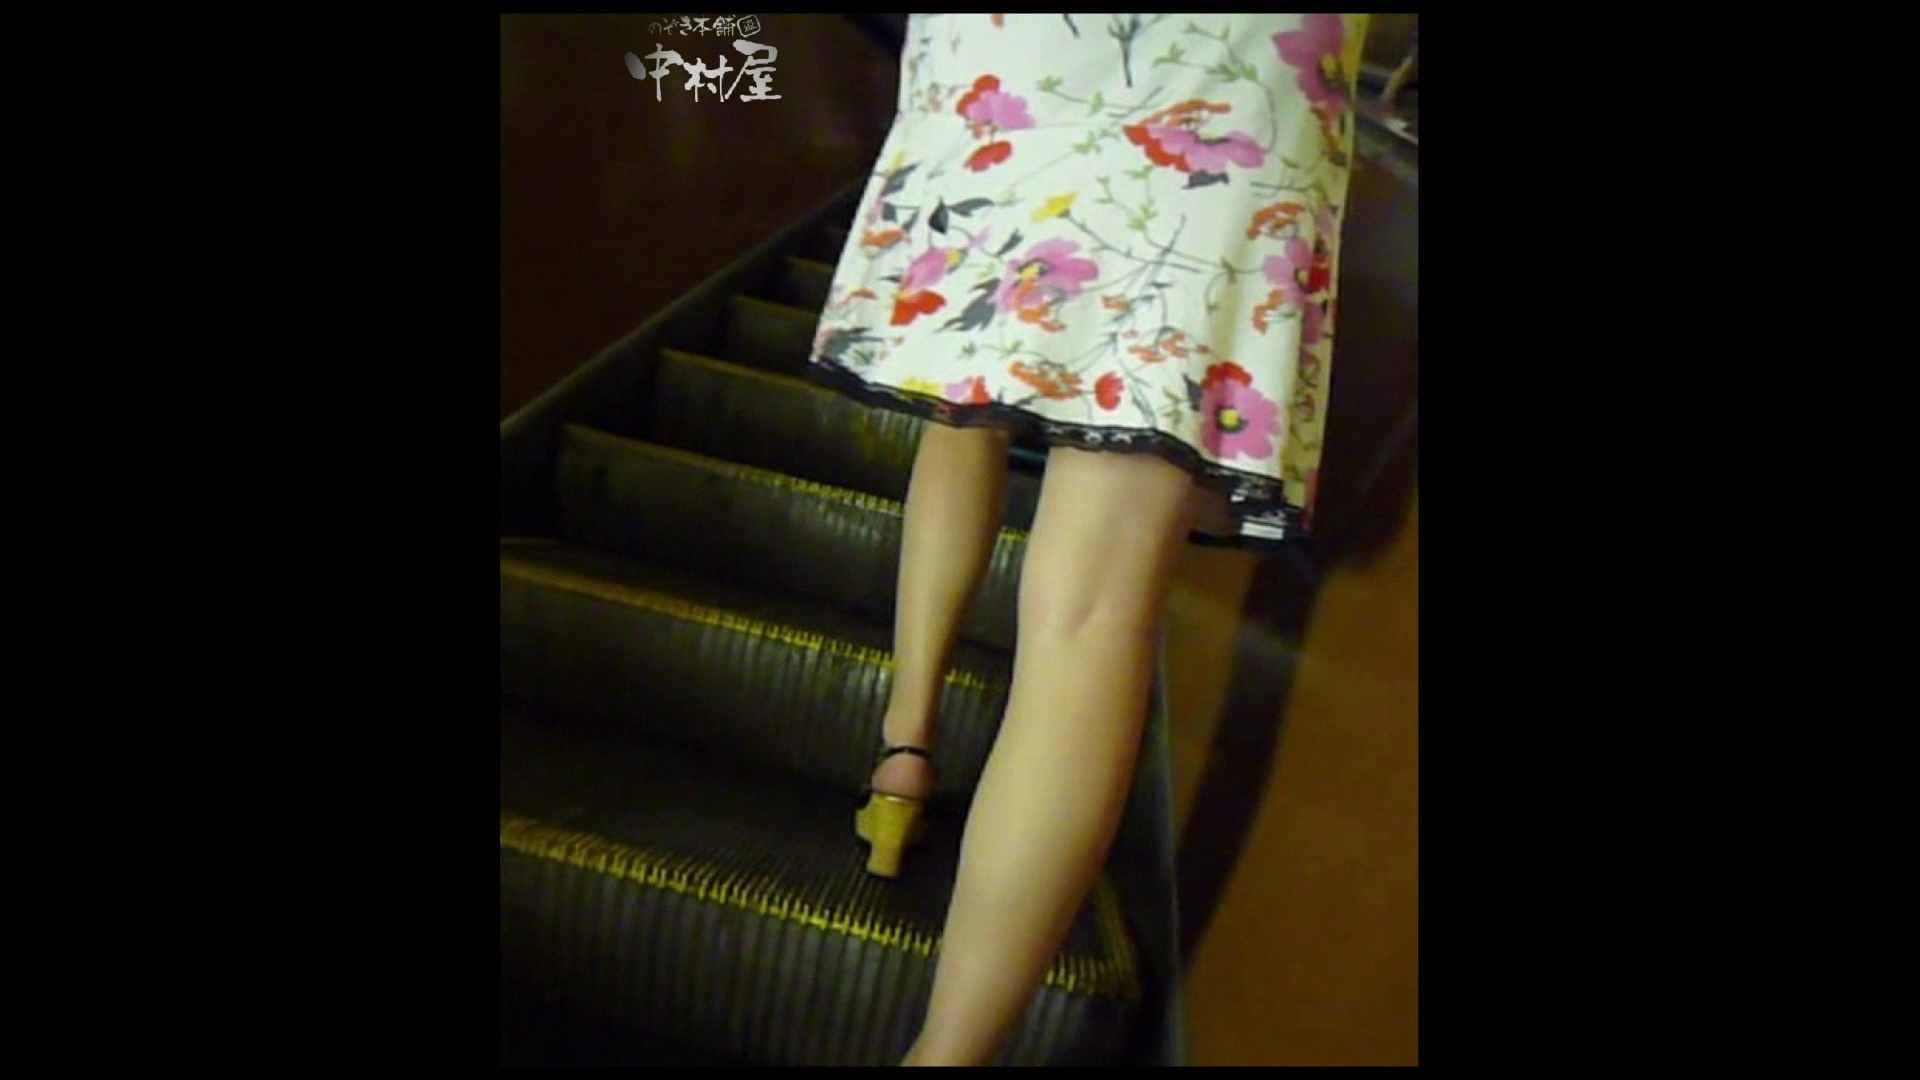 綺麗なモデルさんのスカート捲っちゃおう‼ vol29 OLのエロ生活 | モデルのエロ生活  83連発 70